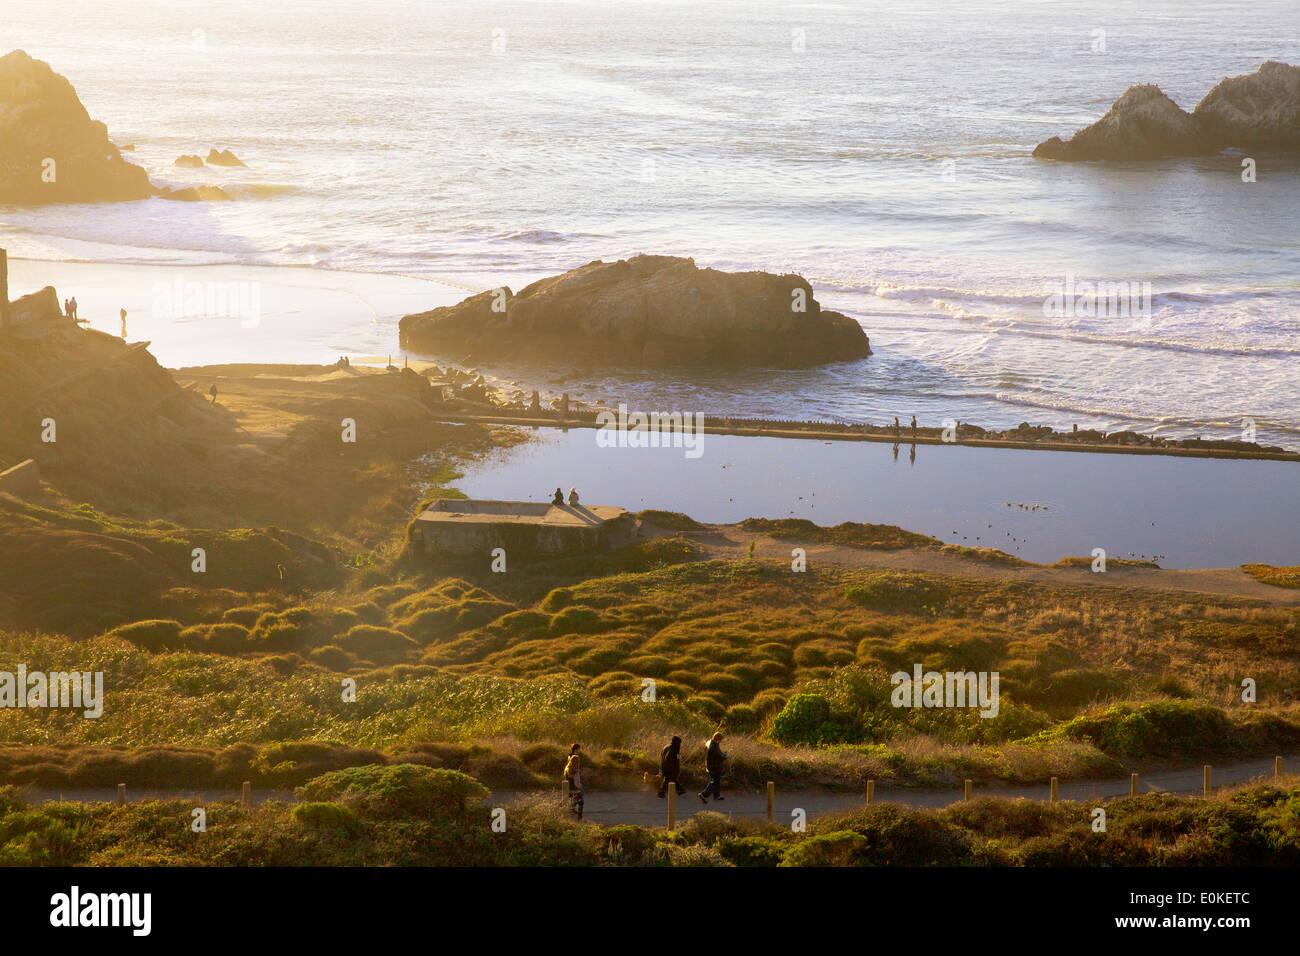 Menschen wandern auf den Pfaden und Fuß entlang dem Deich an der Sutro Badruinen bei Lands End in San Francisco, Kalifornien. Stockbild